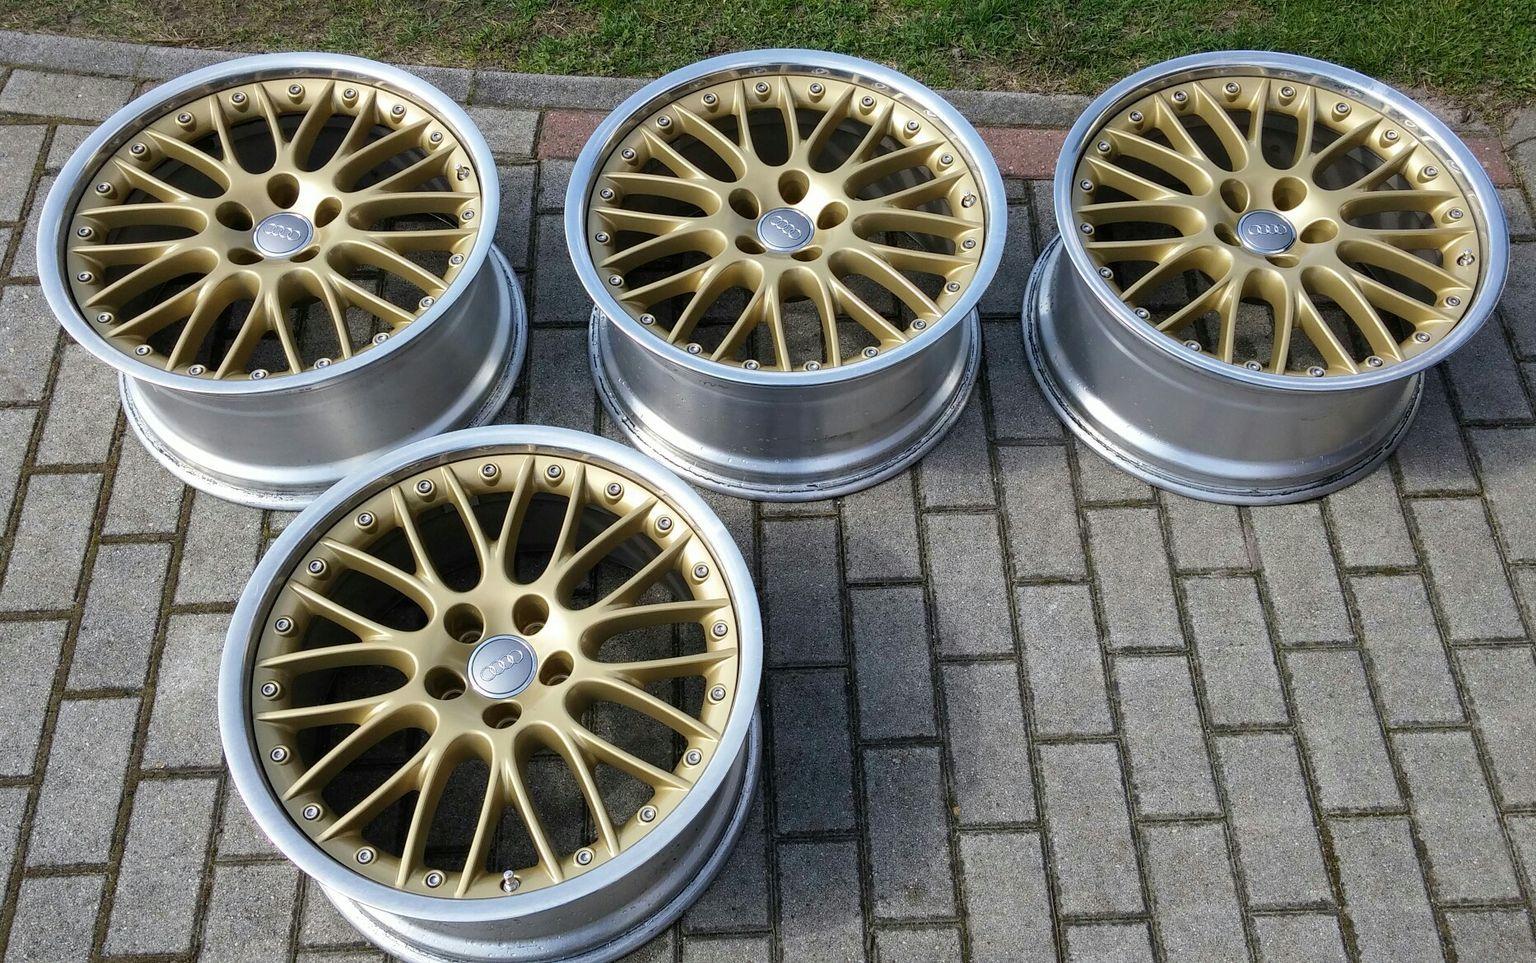 Soluta Sint Rem Enim Quia In Impedit In 2959 Eaque Harum Qui Est Quasi For 437 00 For Sale Shpock Alloy Wheel Oem Wheels Audi